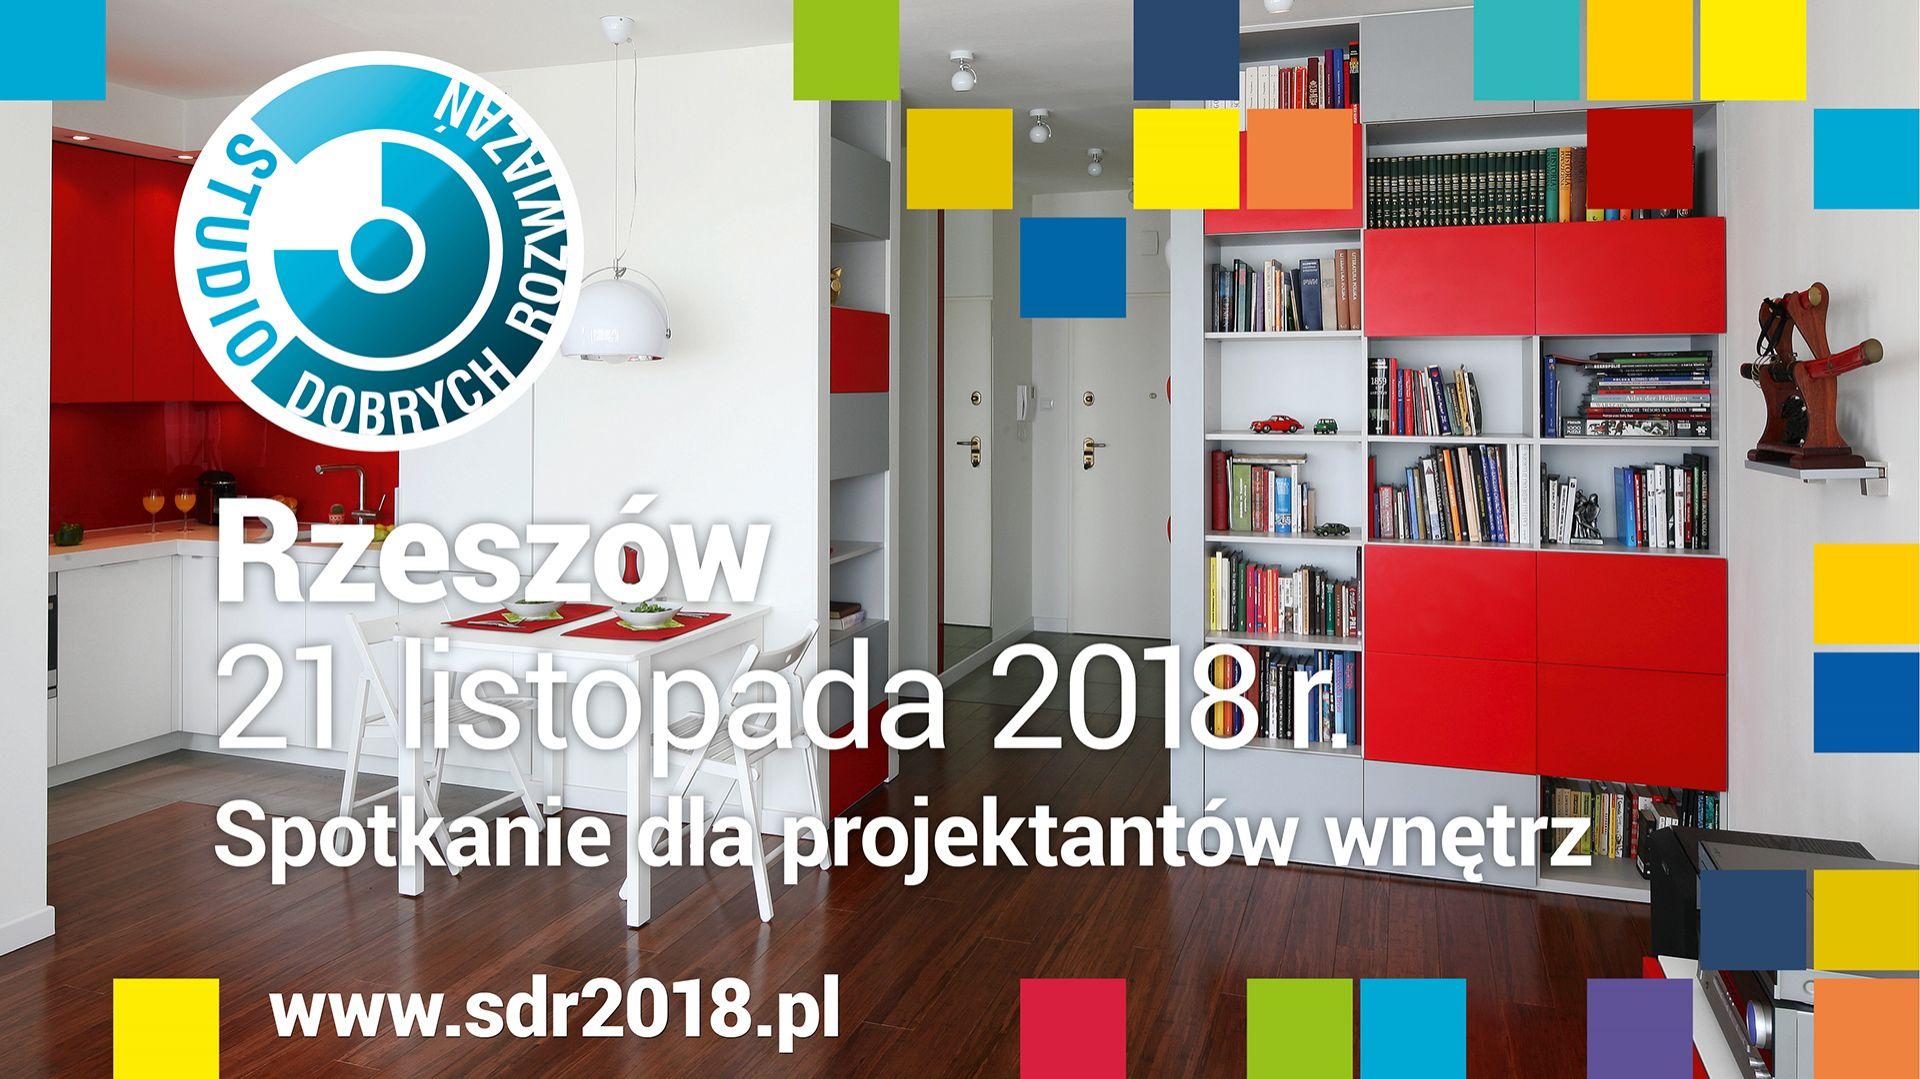 SDR Rzeszów plansza FHD.jpg